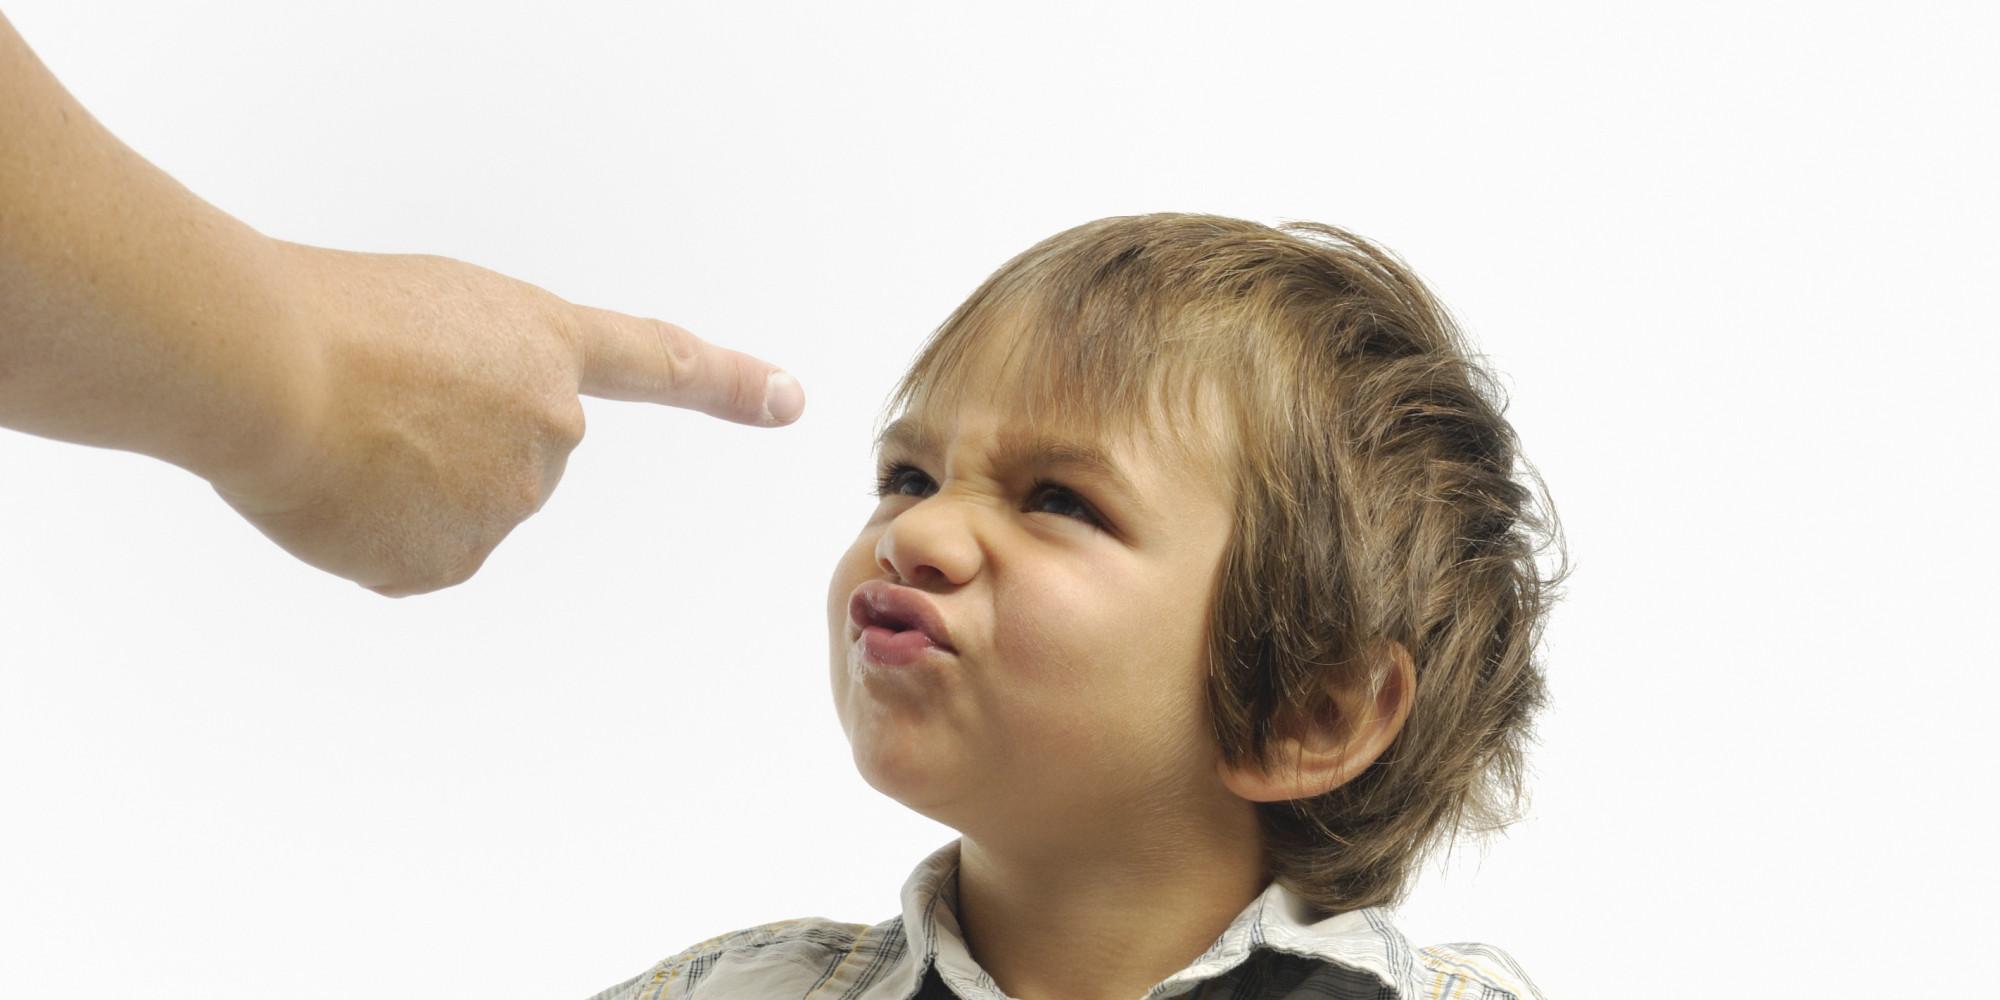 Как сделать замечание ребенку